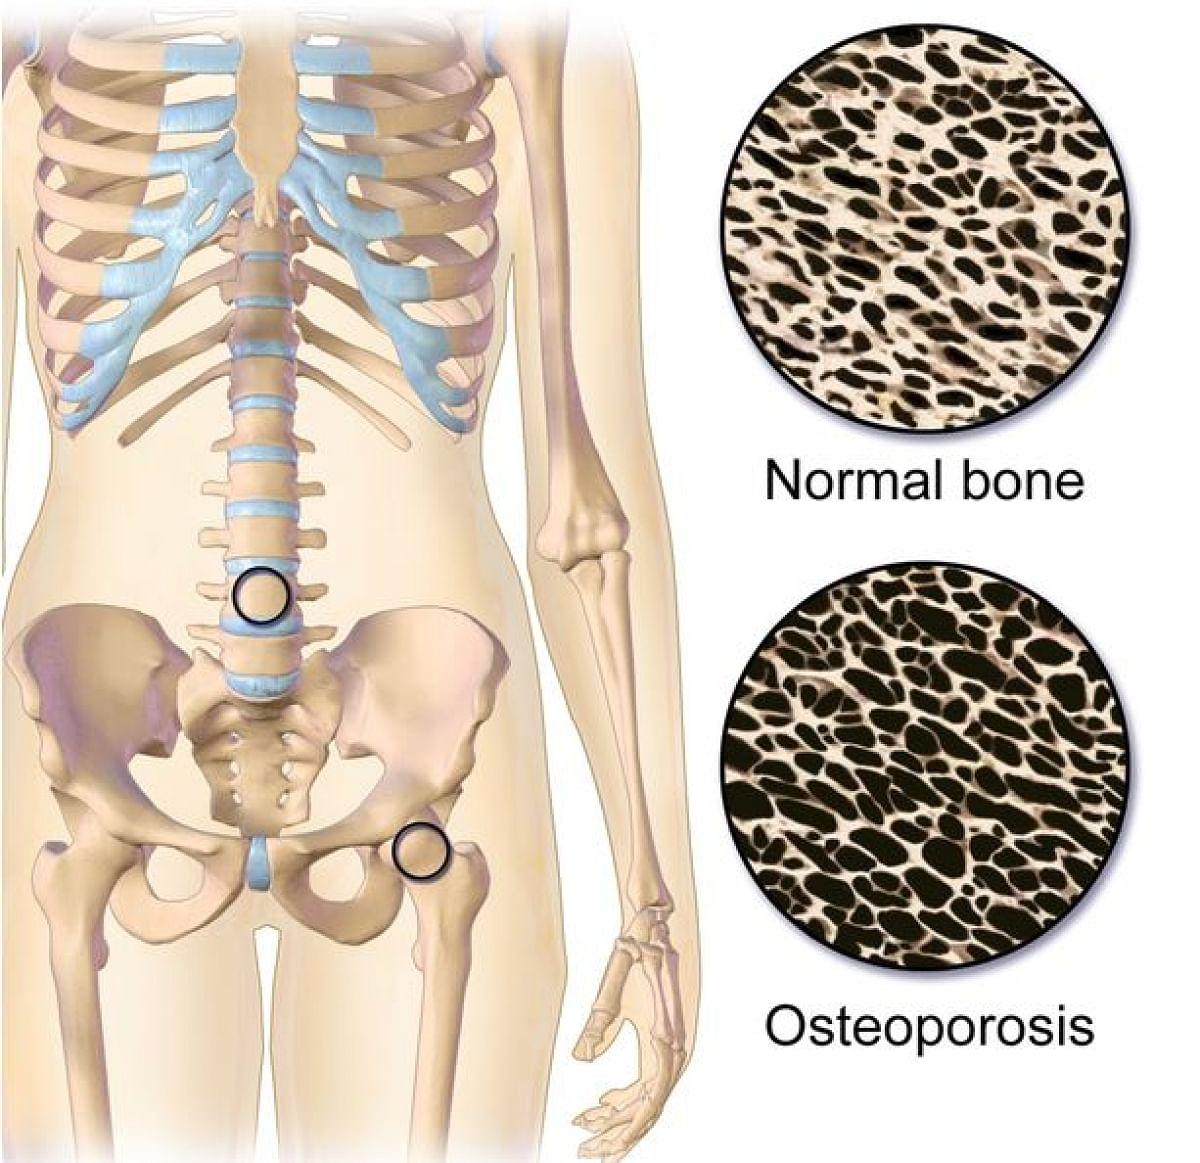 हड्डियों की डेंसिटी कम हो जाती है